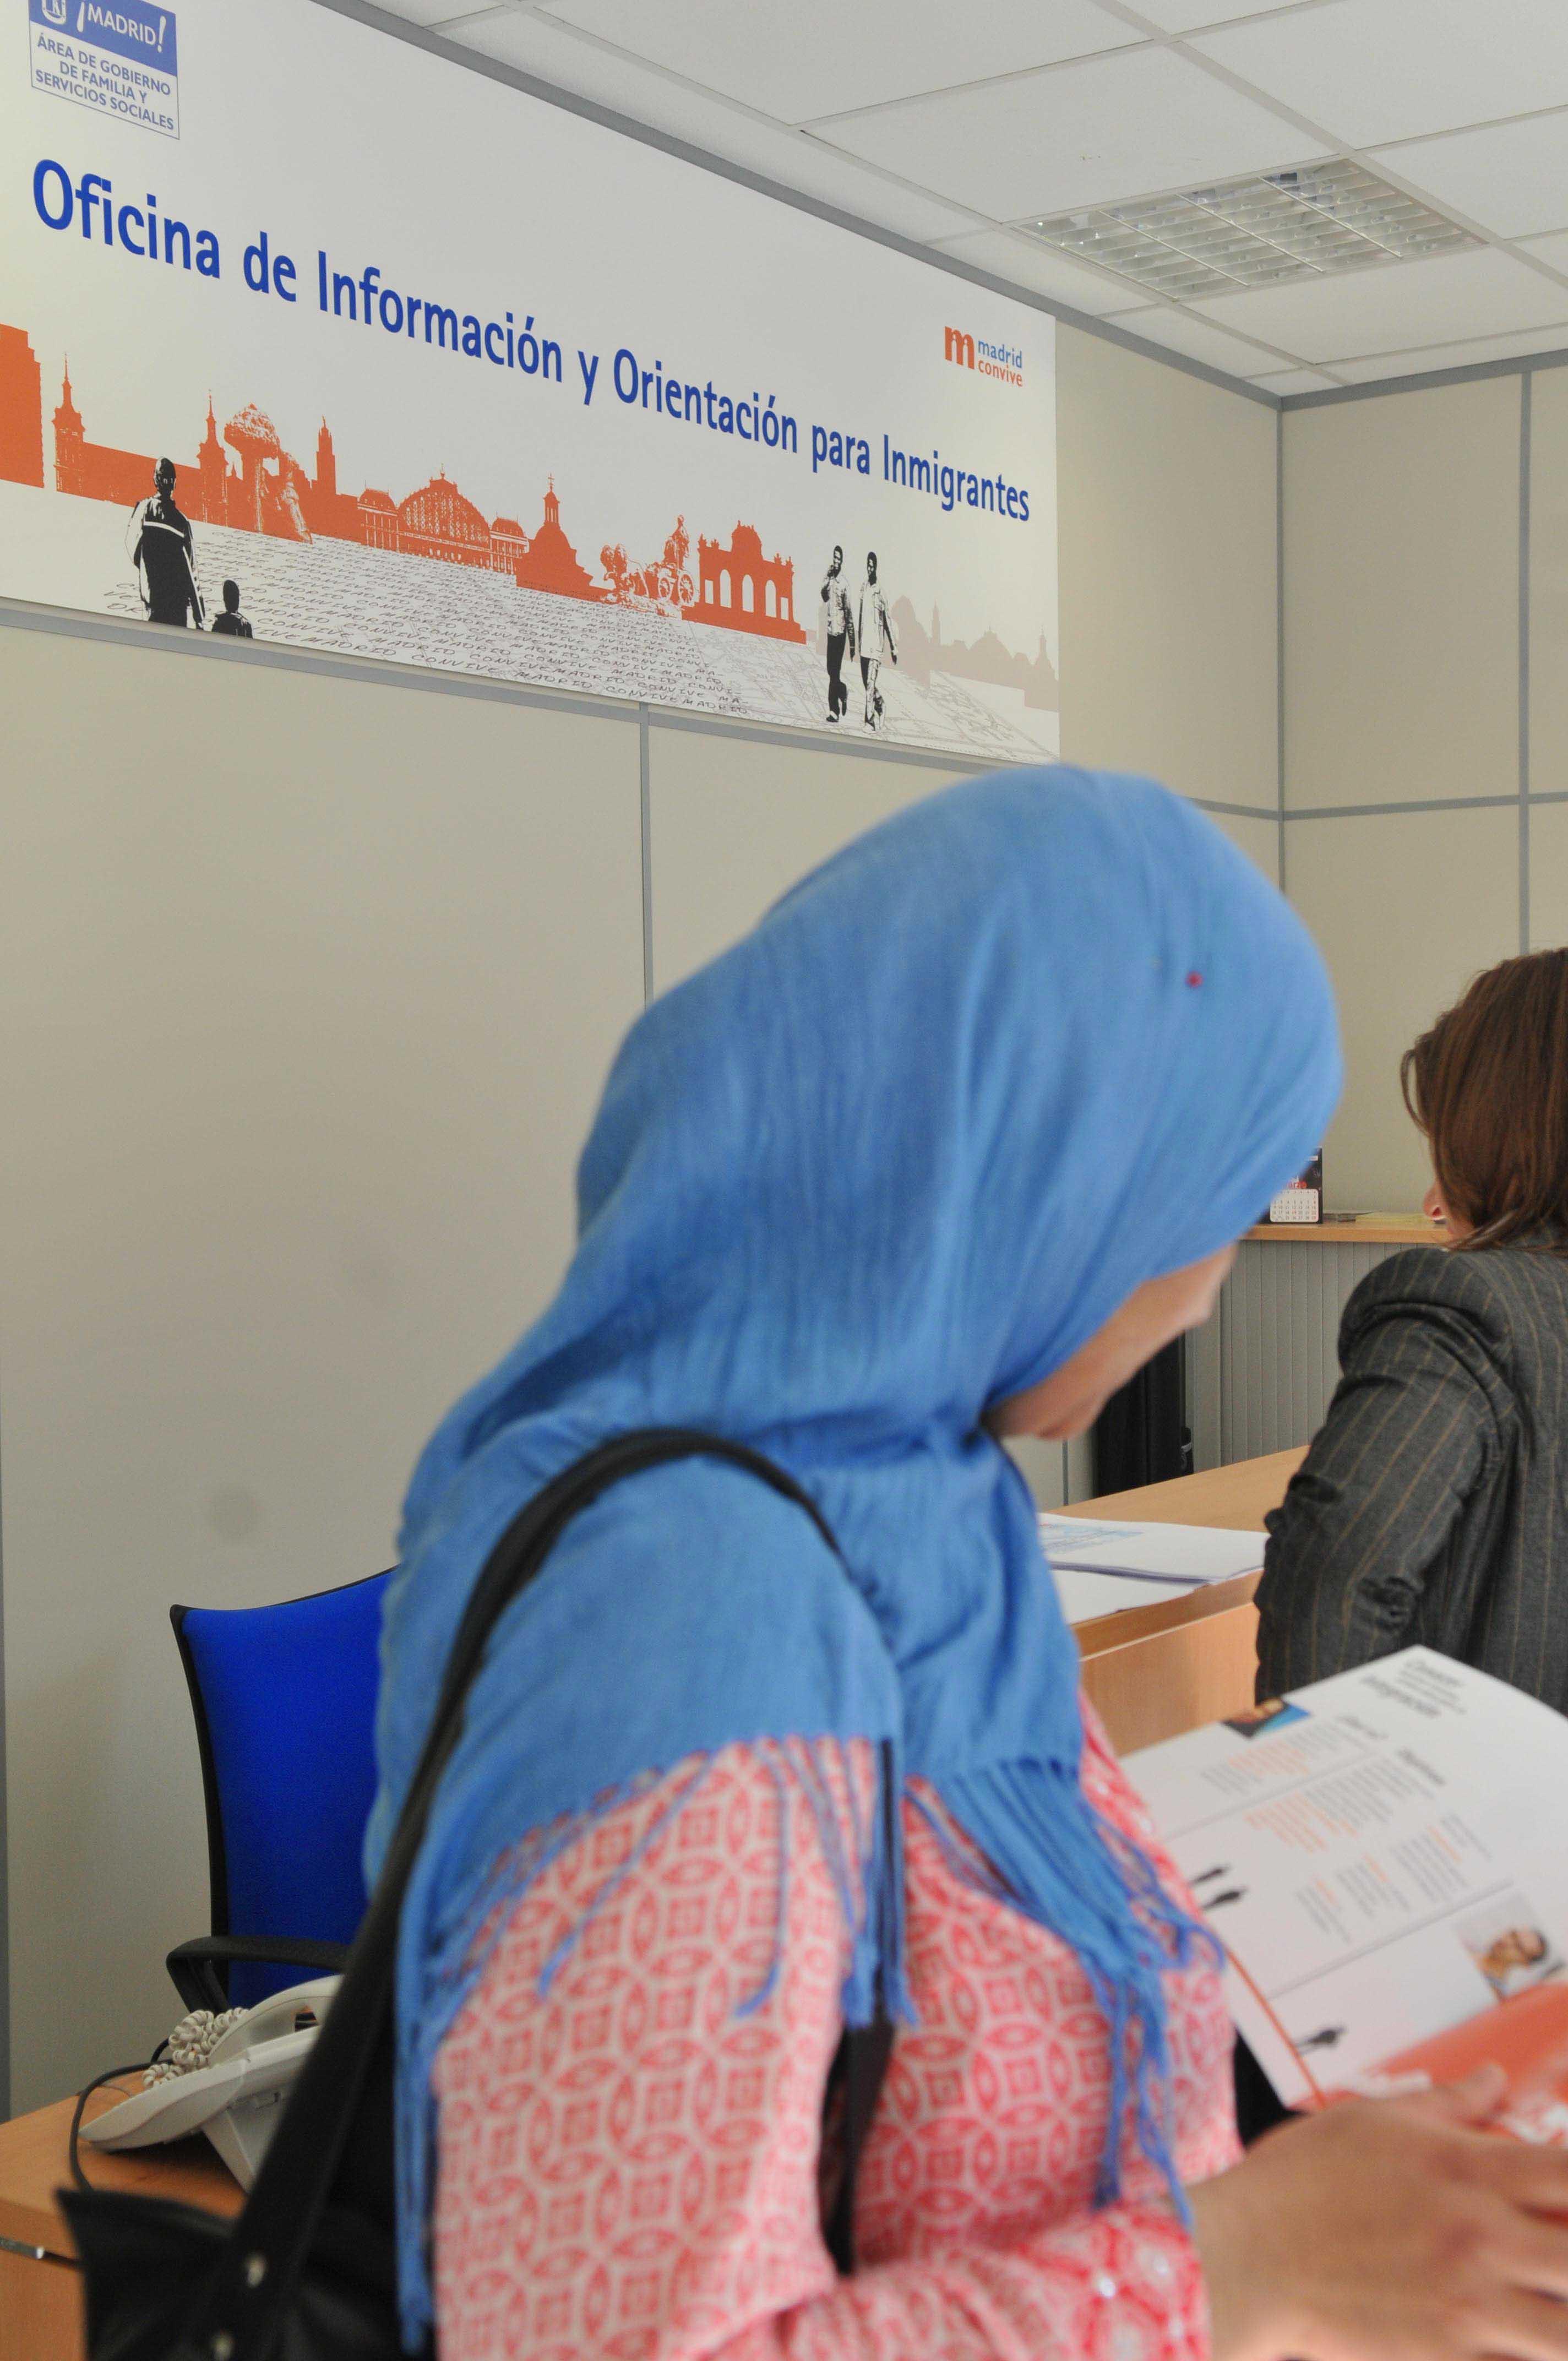 Nuevas oficinas de informaci n a inmigrantes for Oficina de empadronamiento